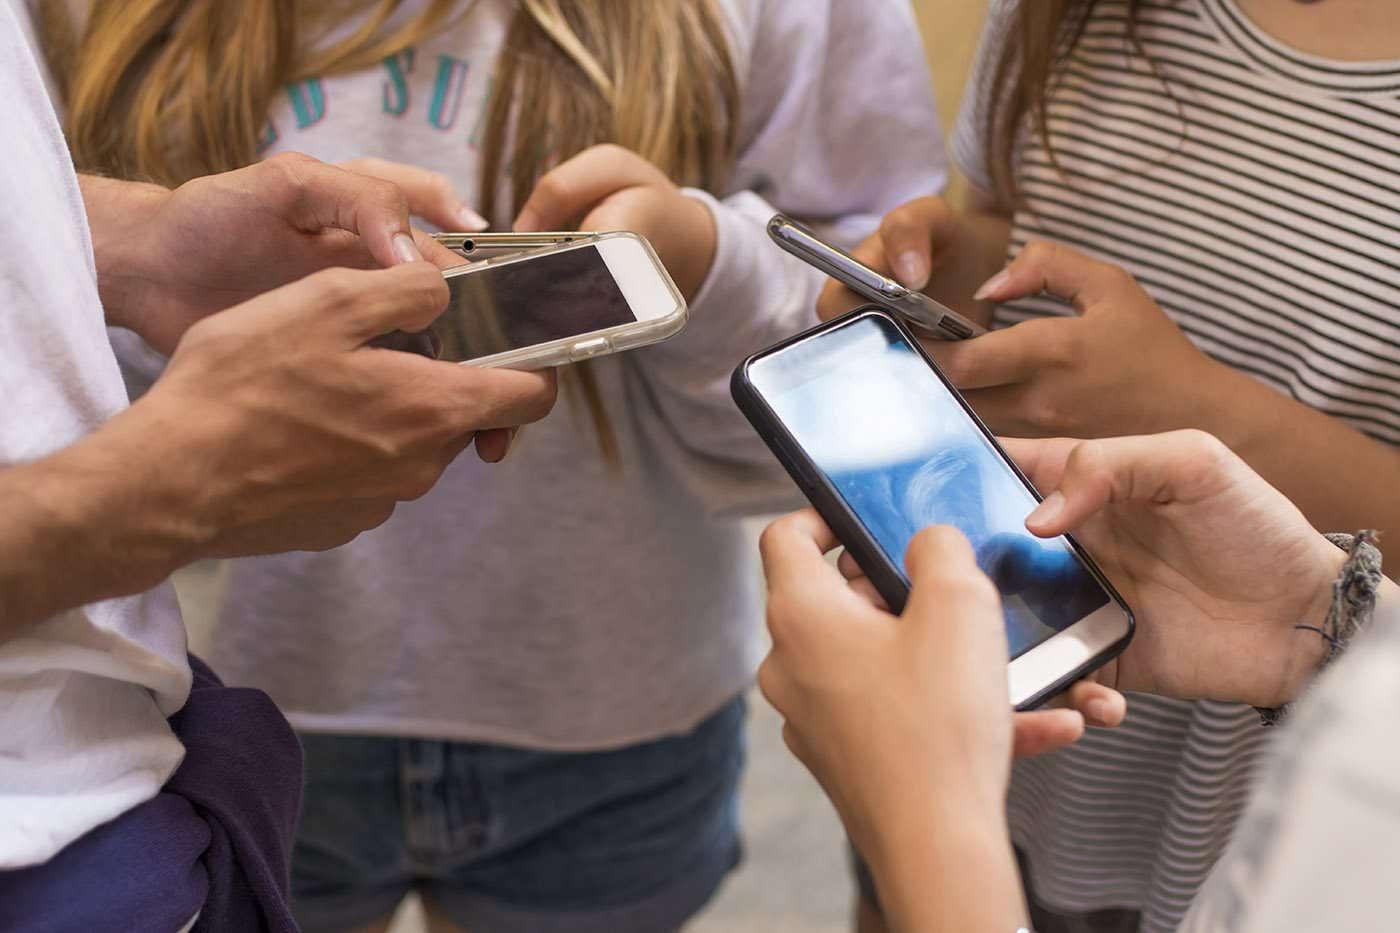 Somnul, rețelele de socializare și sănătatea mentală a adolescenților: cum sunt conectate?